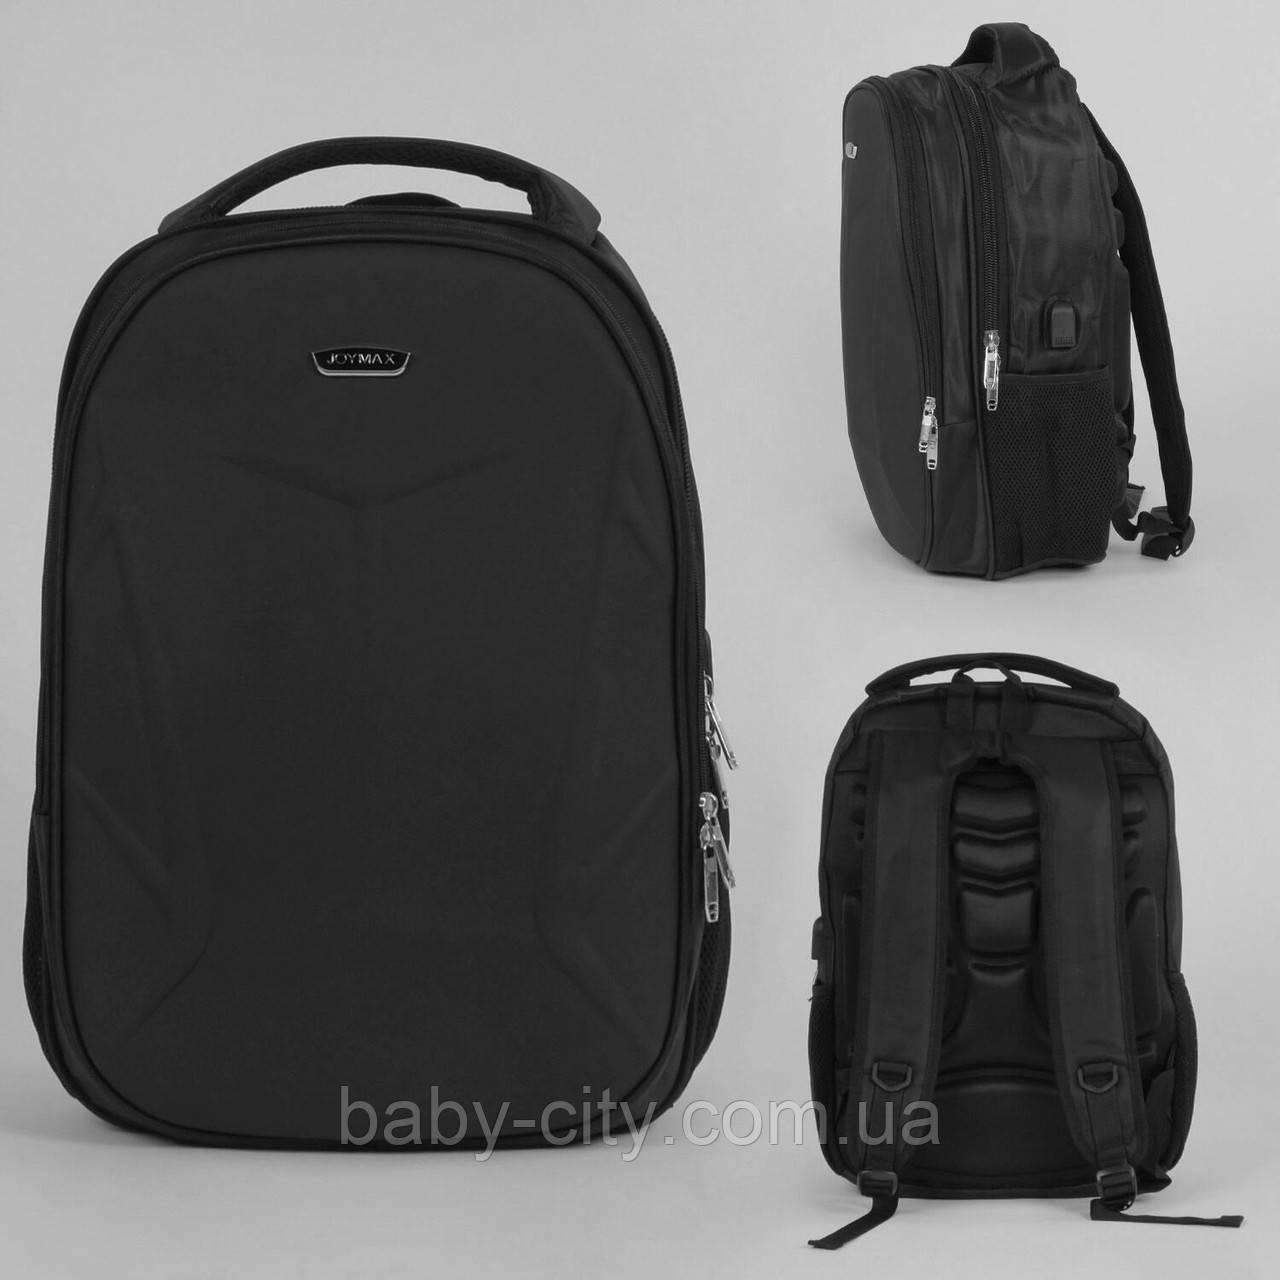 Рюкзак JoyMax С 43658 защитный бампер, usb кабель, ортопедическая спинка